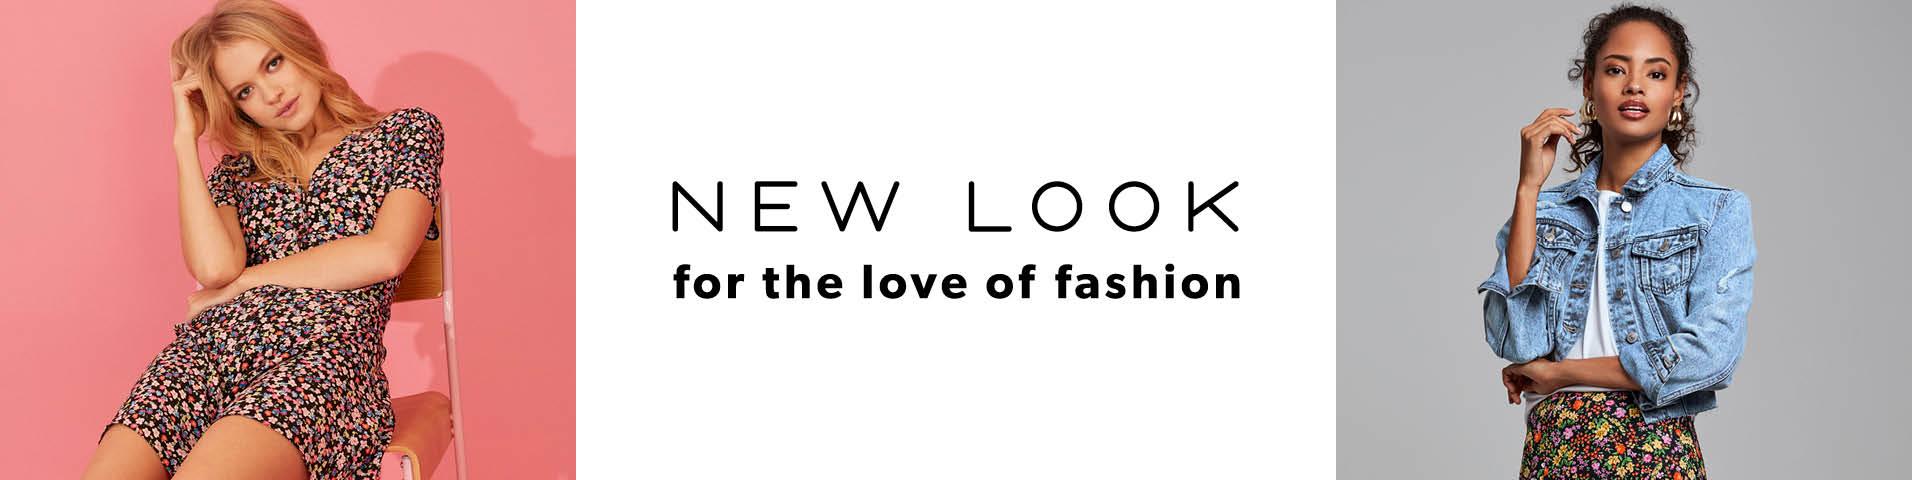 Vêtements femme New Look en ligne   Commandez dès maintenant sur Zalando 9896f7d783d